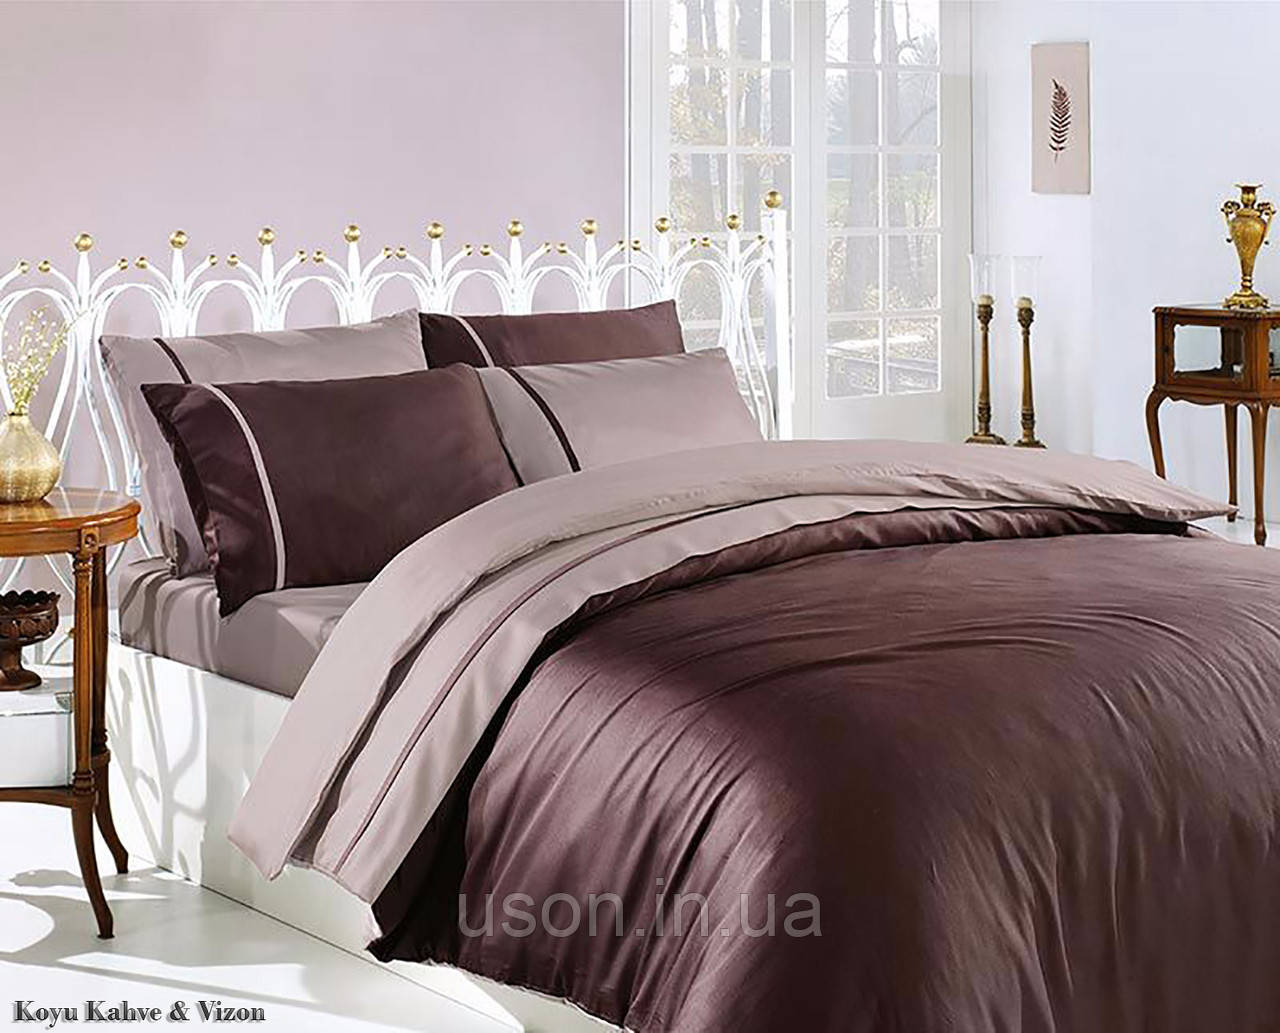 Комплект постельного белья сатин First Choice евро размер Koyukahve & Vizon